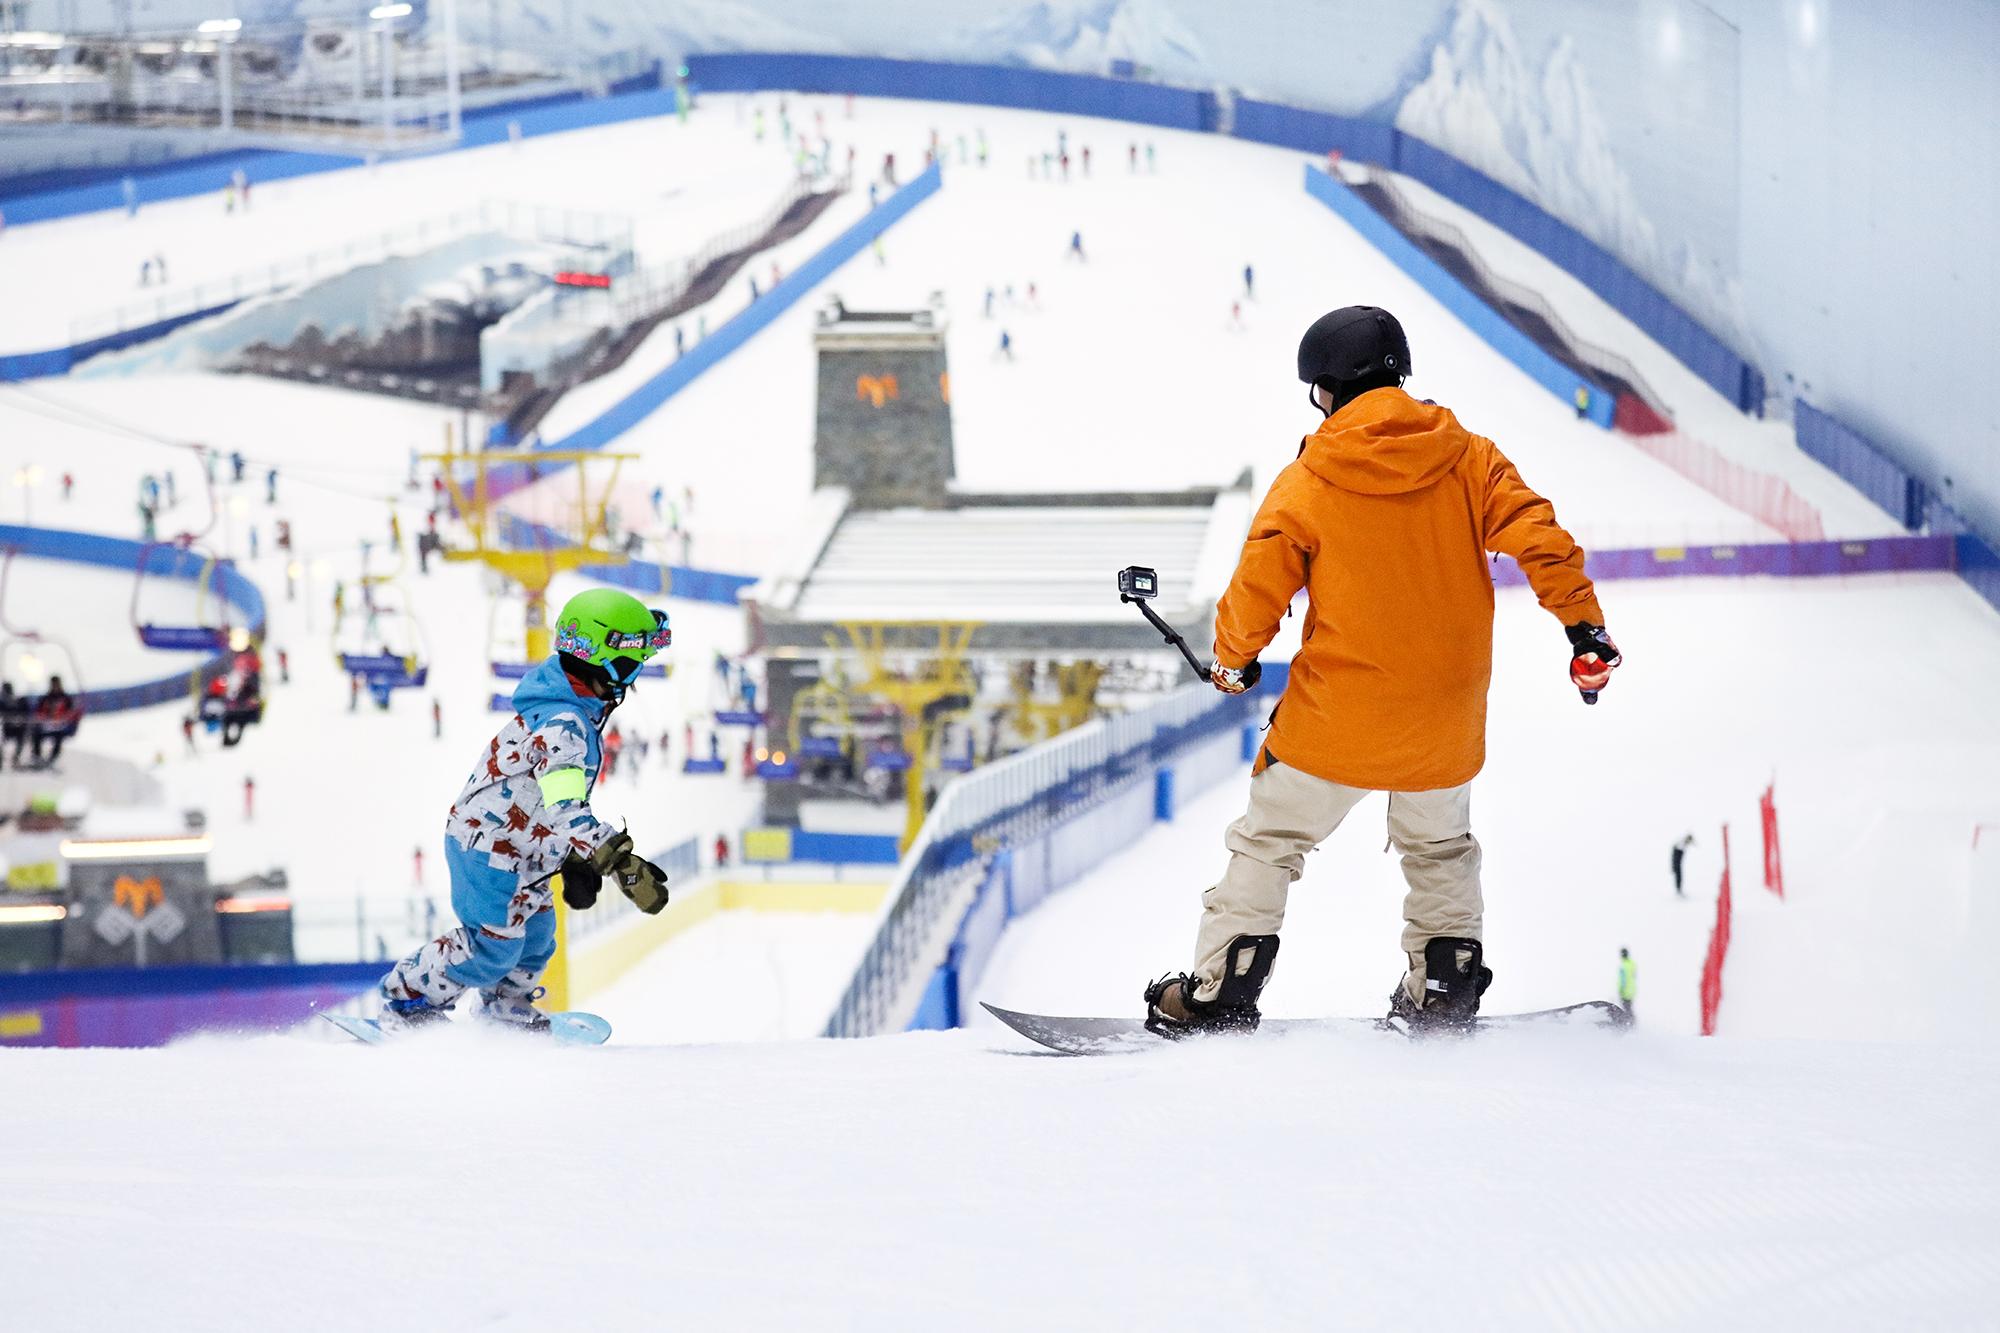 公关/中报-文旅图片/文旅图片2/冰雪/融创雪世界2.jpg